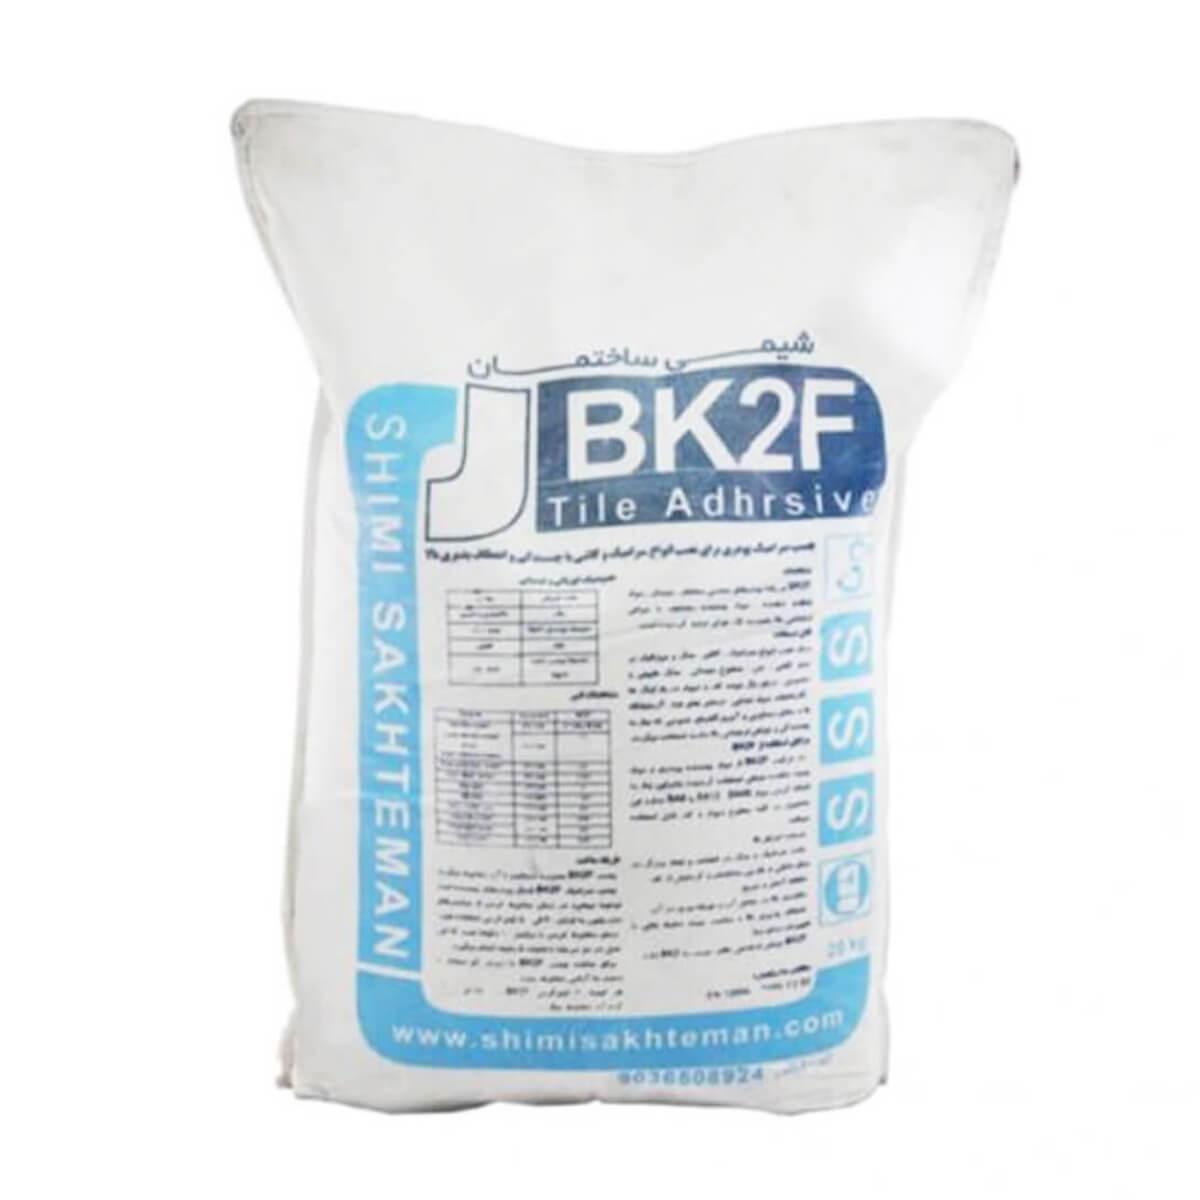 چسب کاشی شیمی ساختمان BK2F پودری